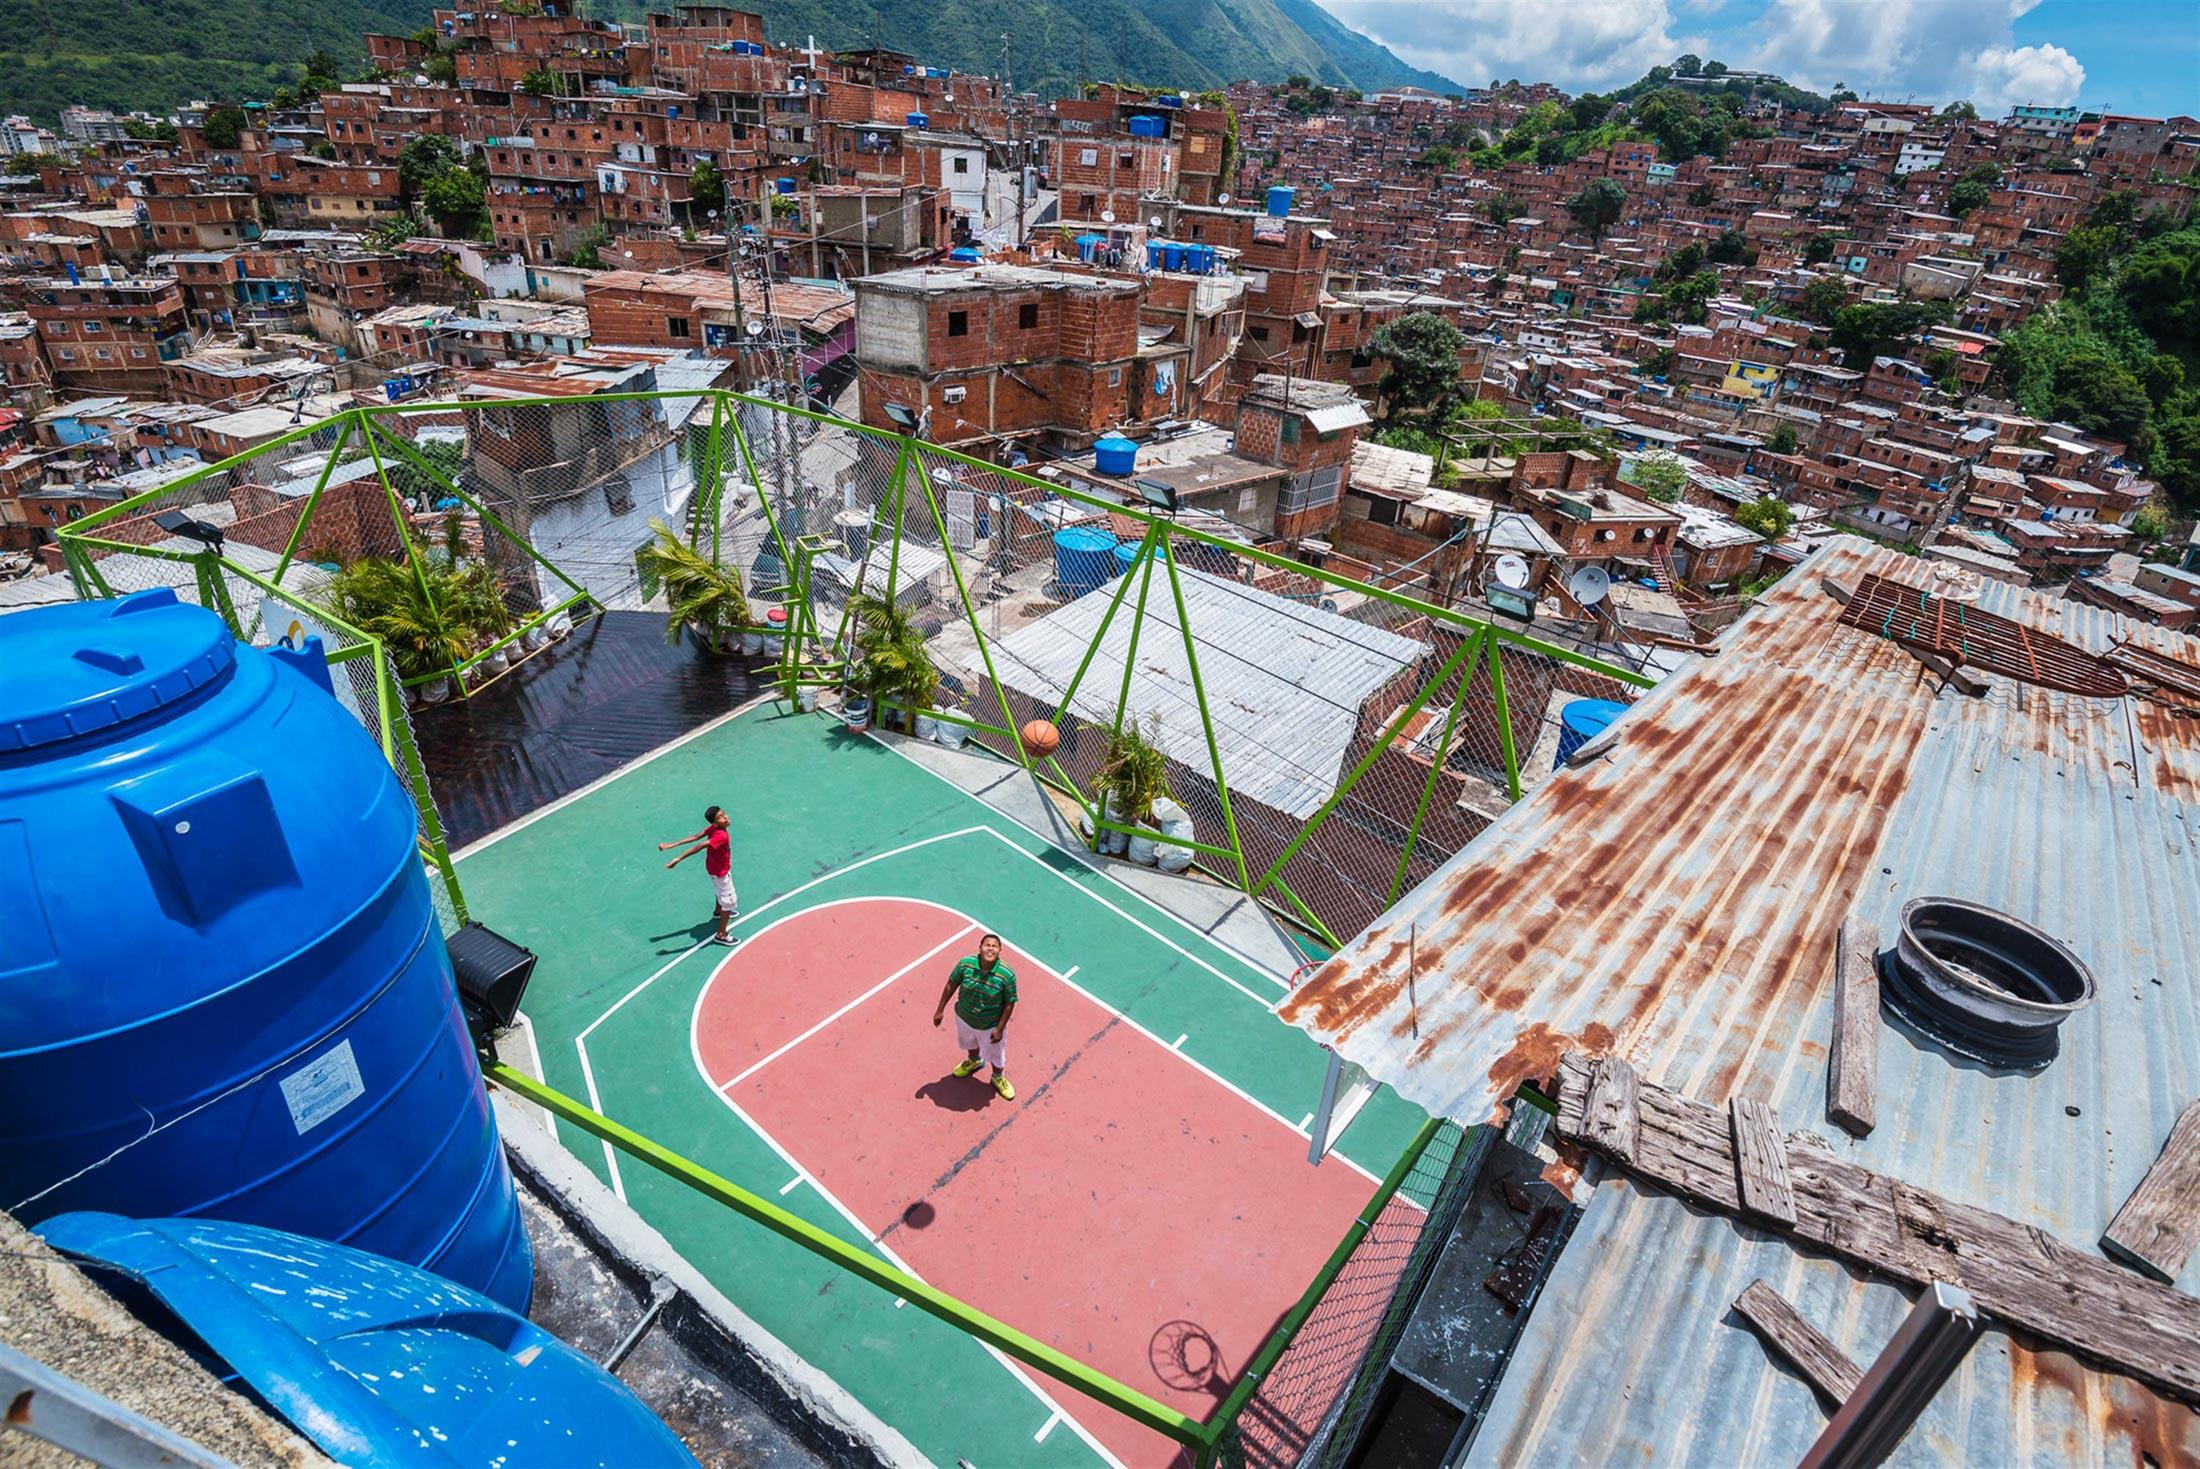 Customized size and shape basketball court. La Ye 5 de Julio, Petare, Caracas. Image Credit: José Bastidas